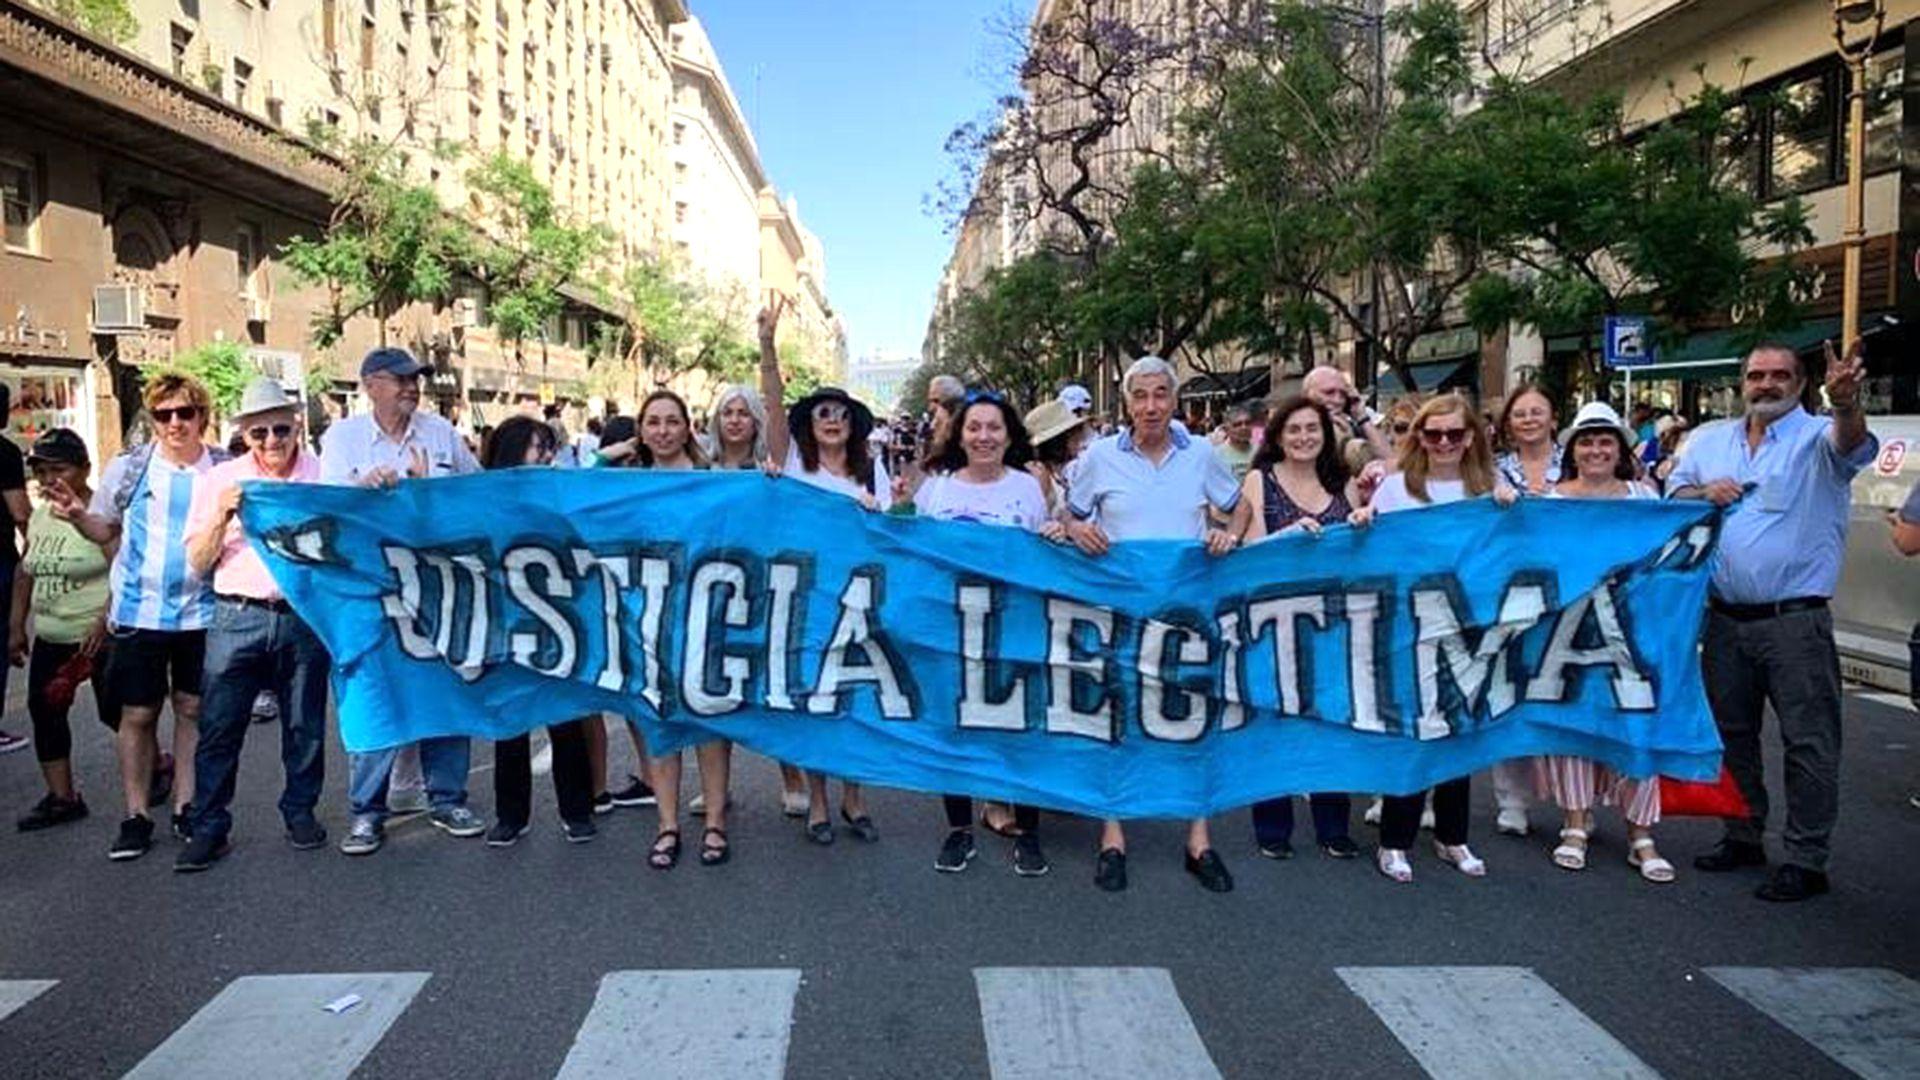 """La agrupación """"Justicia Legítima"""" se movilizó cuando asumió Alberto Fernández. (Facebook: Justicia legítima)"""